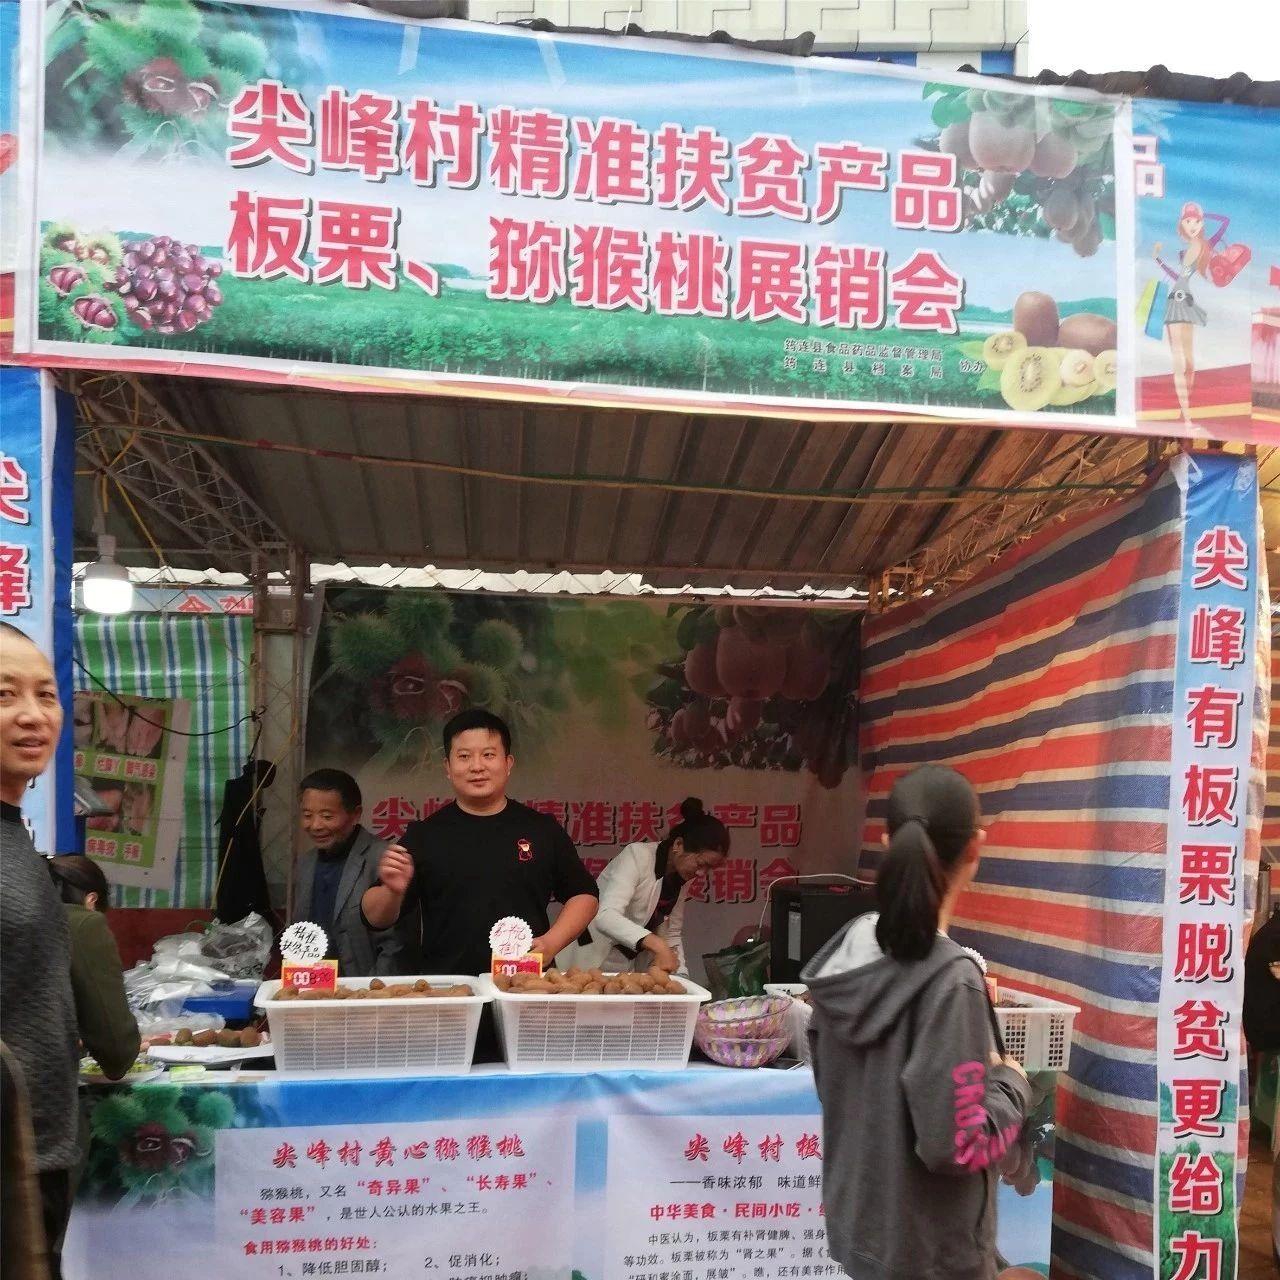 筠连镇舟镇尖峰村人种的两样好吃的东西上市了!